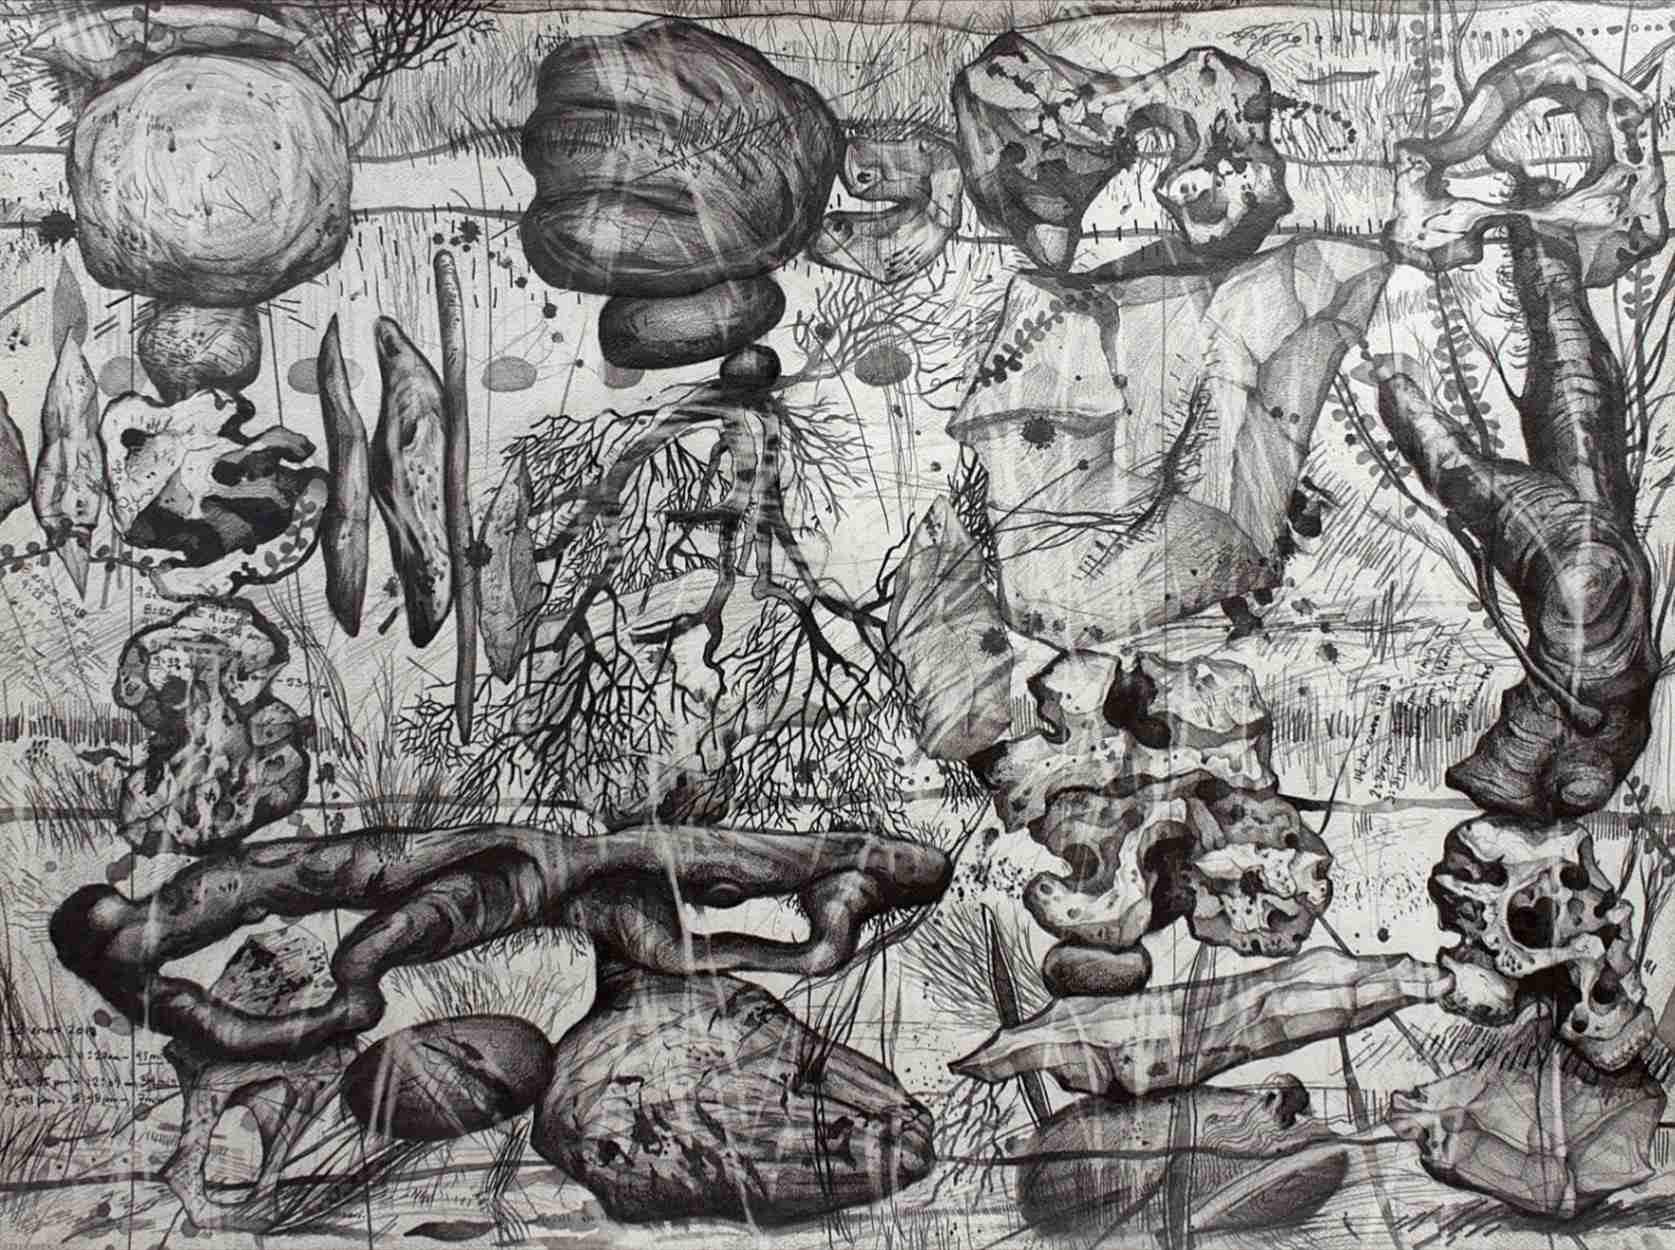 Obra: 500 minutos en 5125 cm2 #2 (Sobre el Salto del Caburní, Topes de Collantes, Sierra del Escambray, desde La Habana)